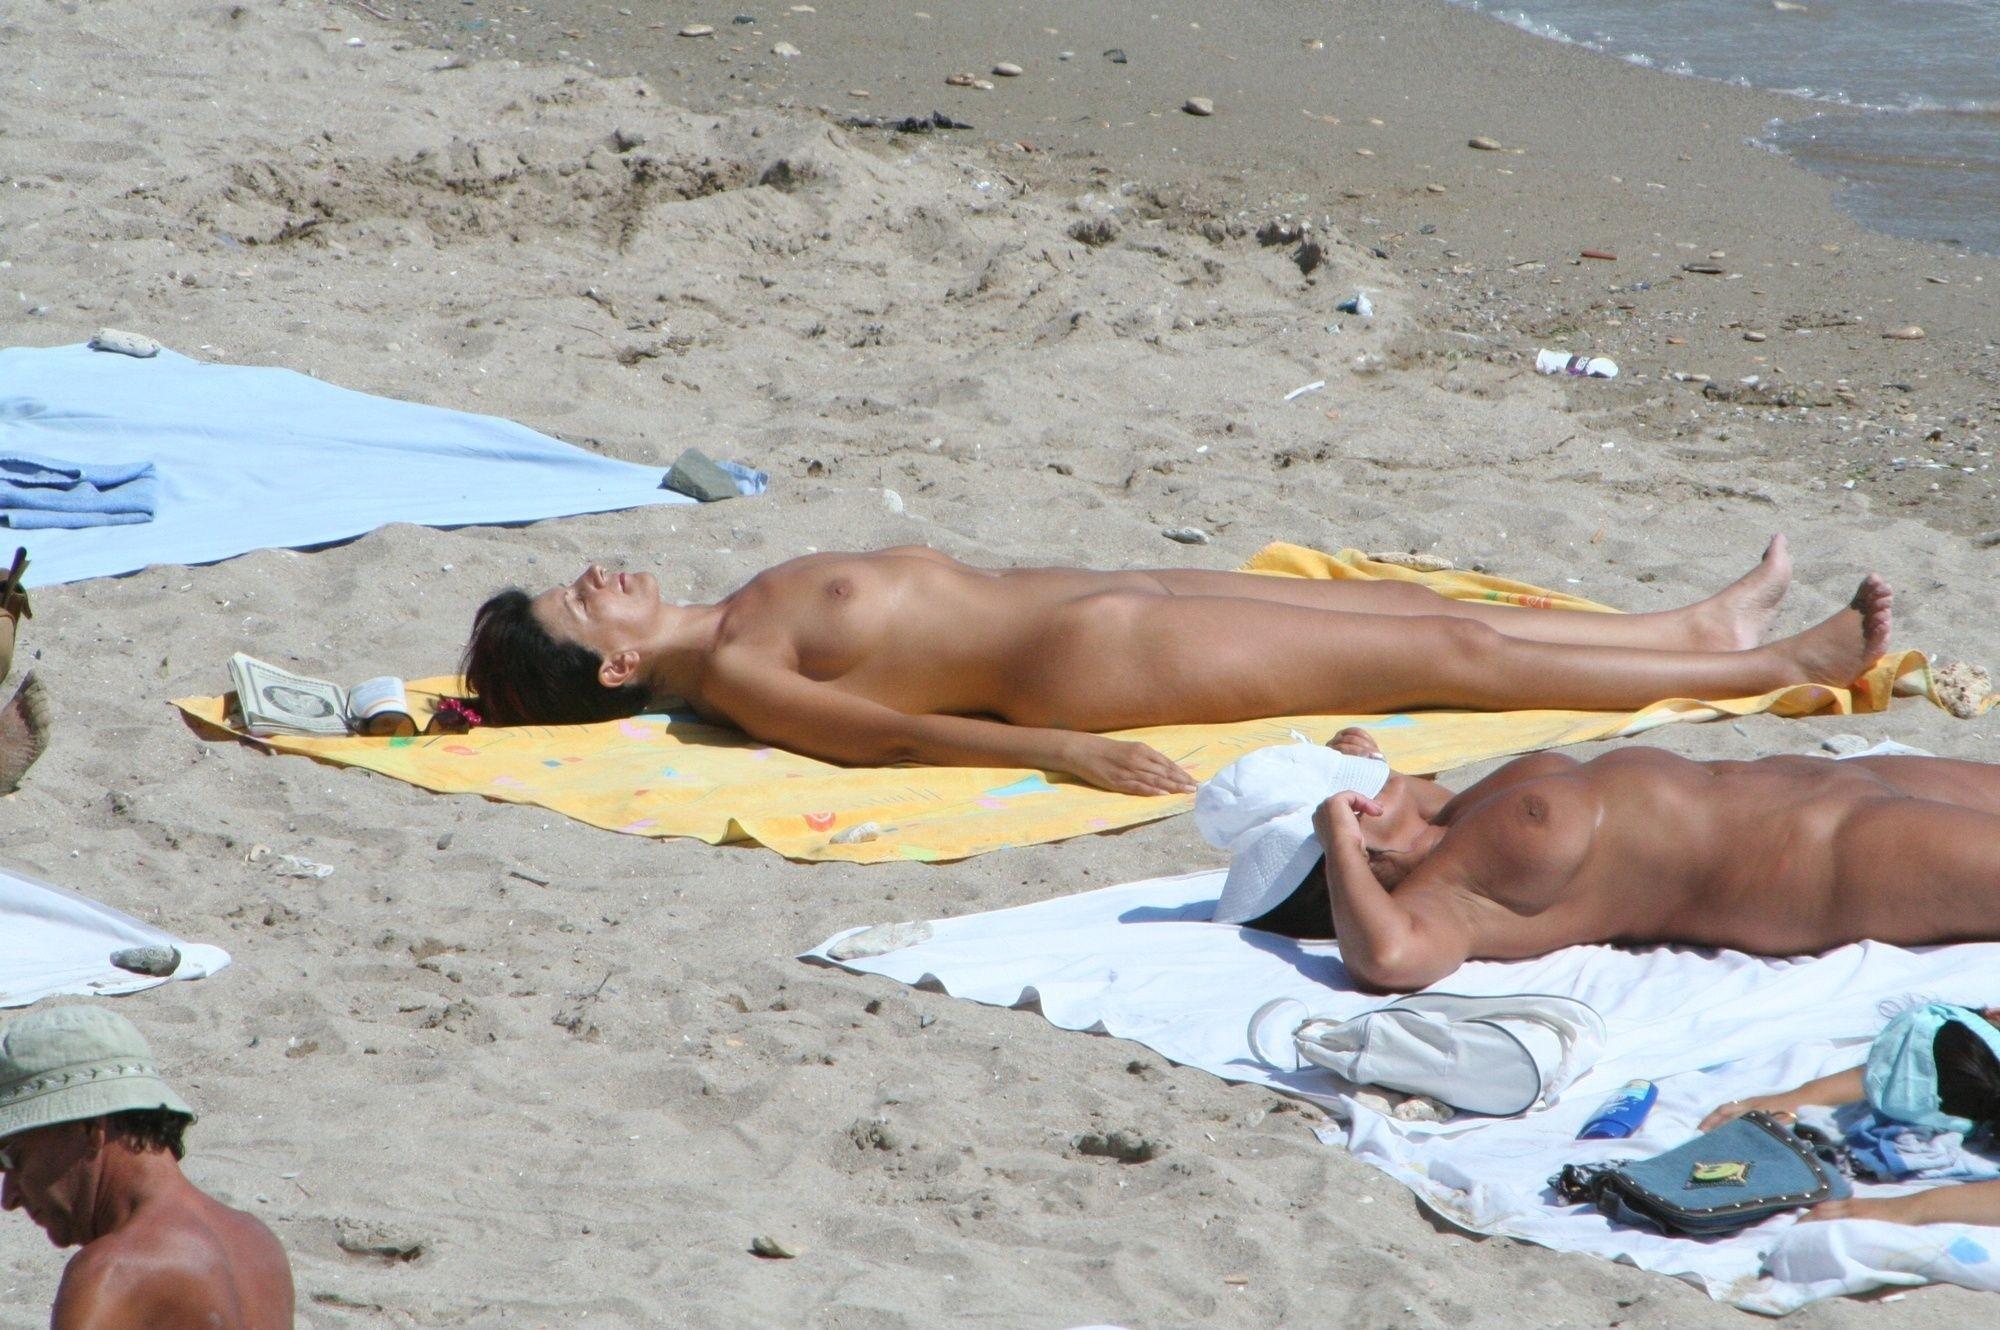 evropeyskie-nudistskie-plyazhi